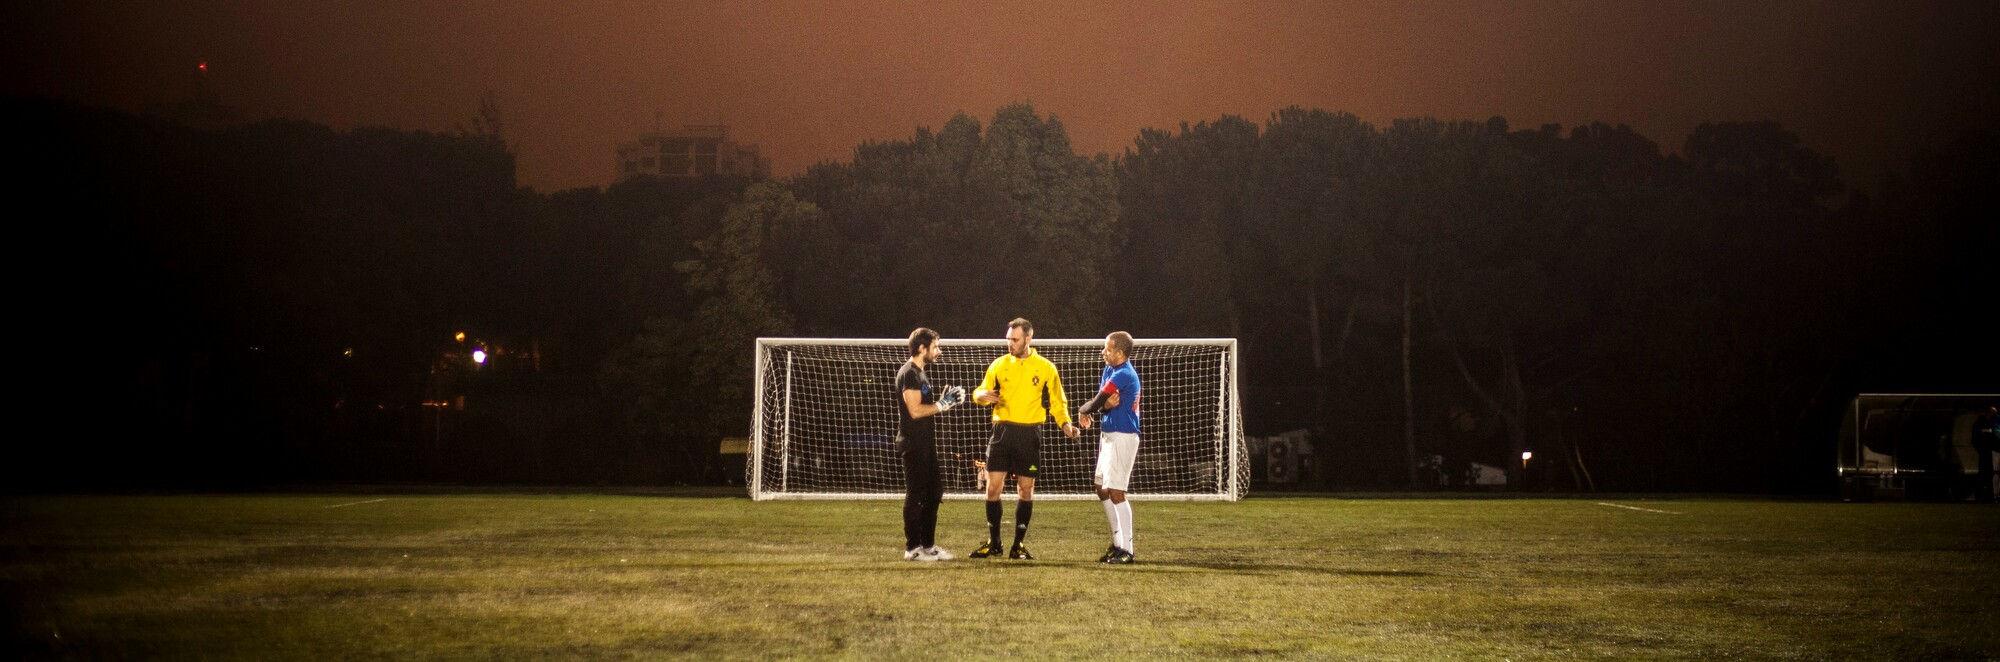 Torneios de Futebol